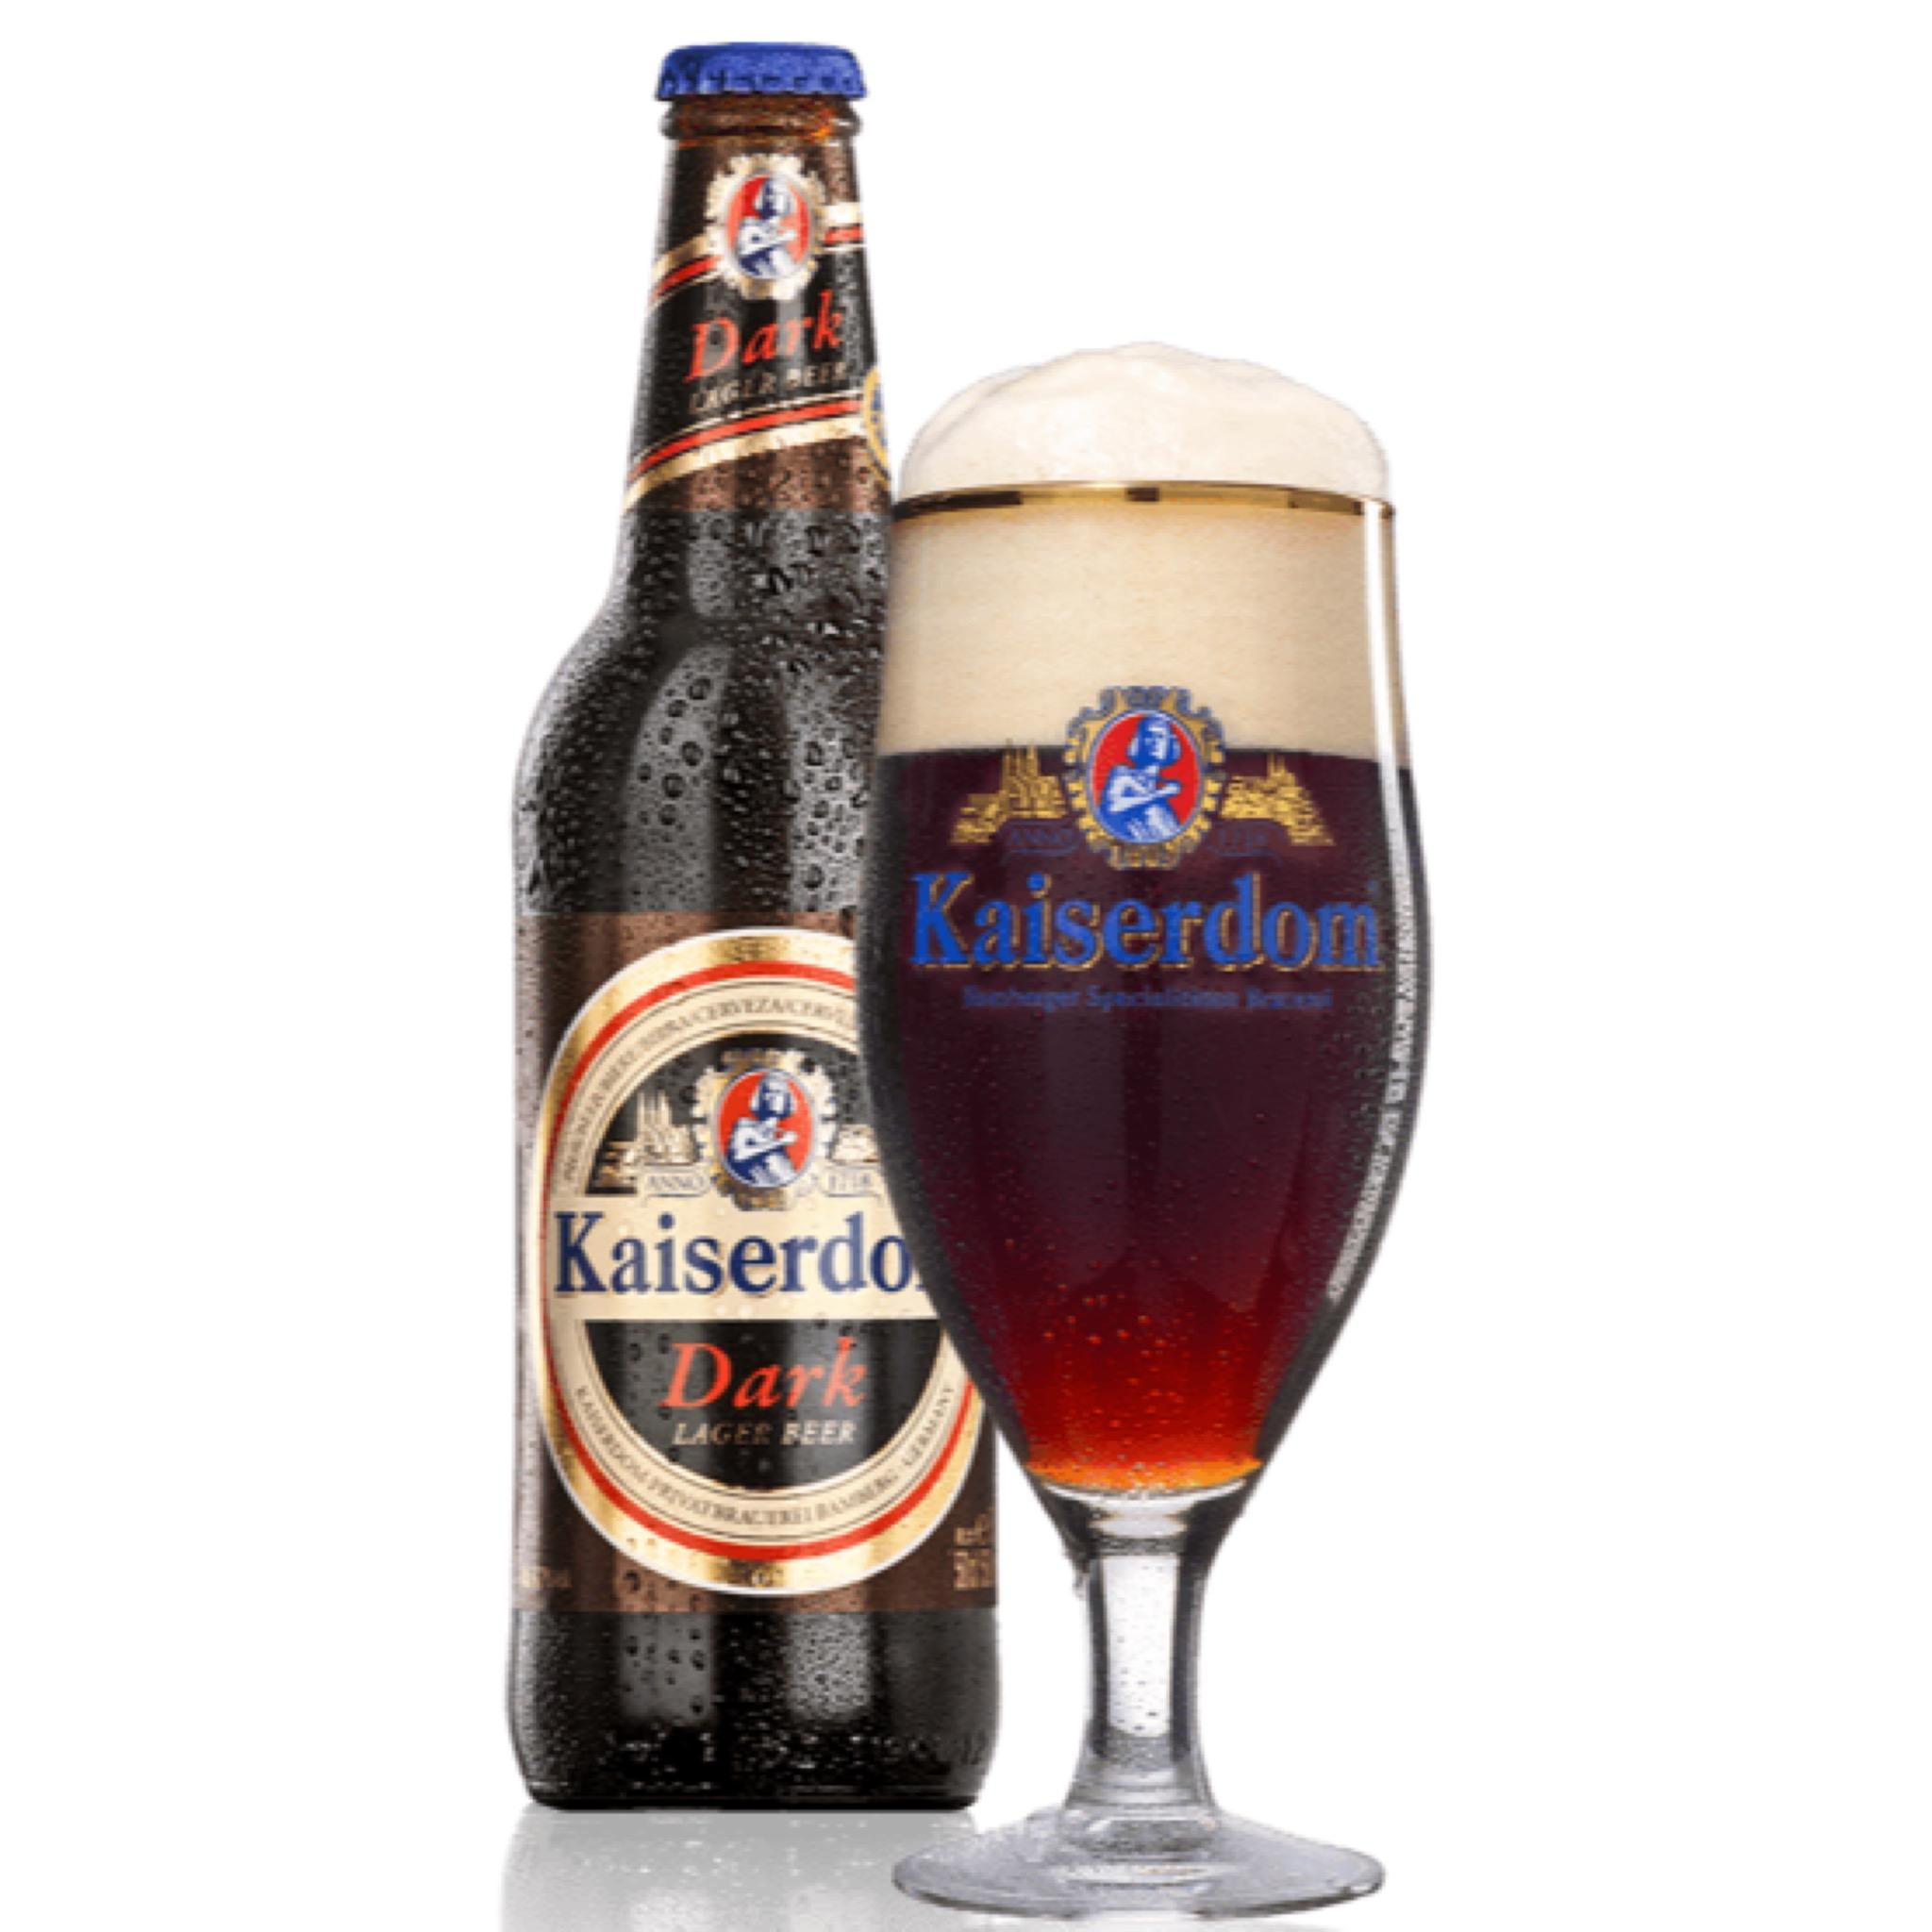 Kaiserdom Dark Lager Beer 4.8% 500ml